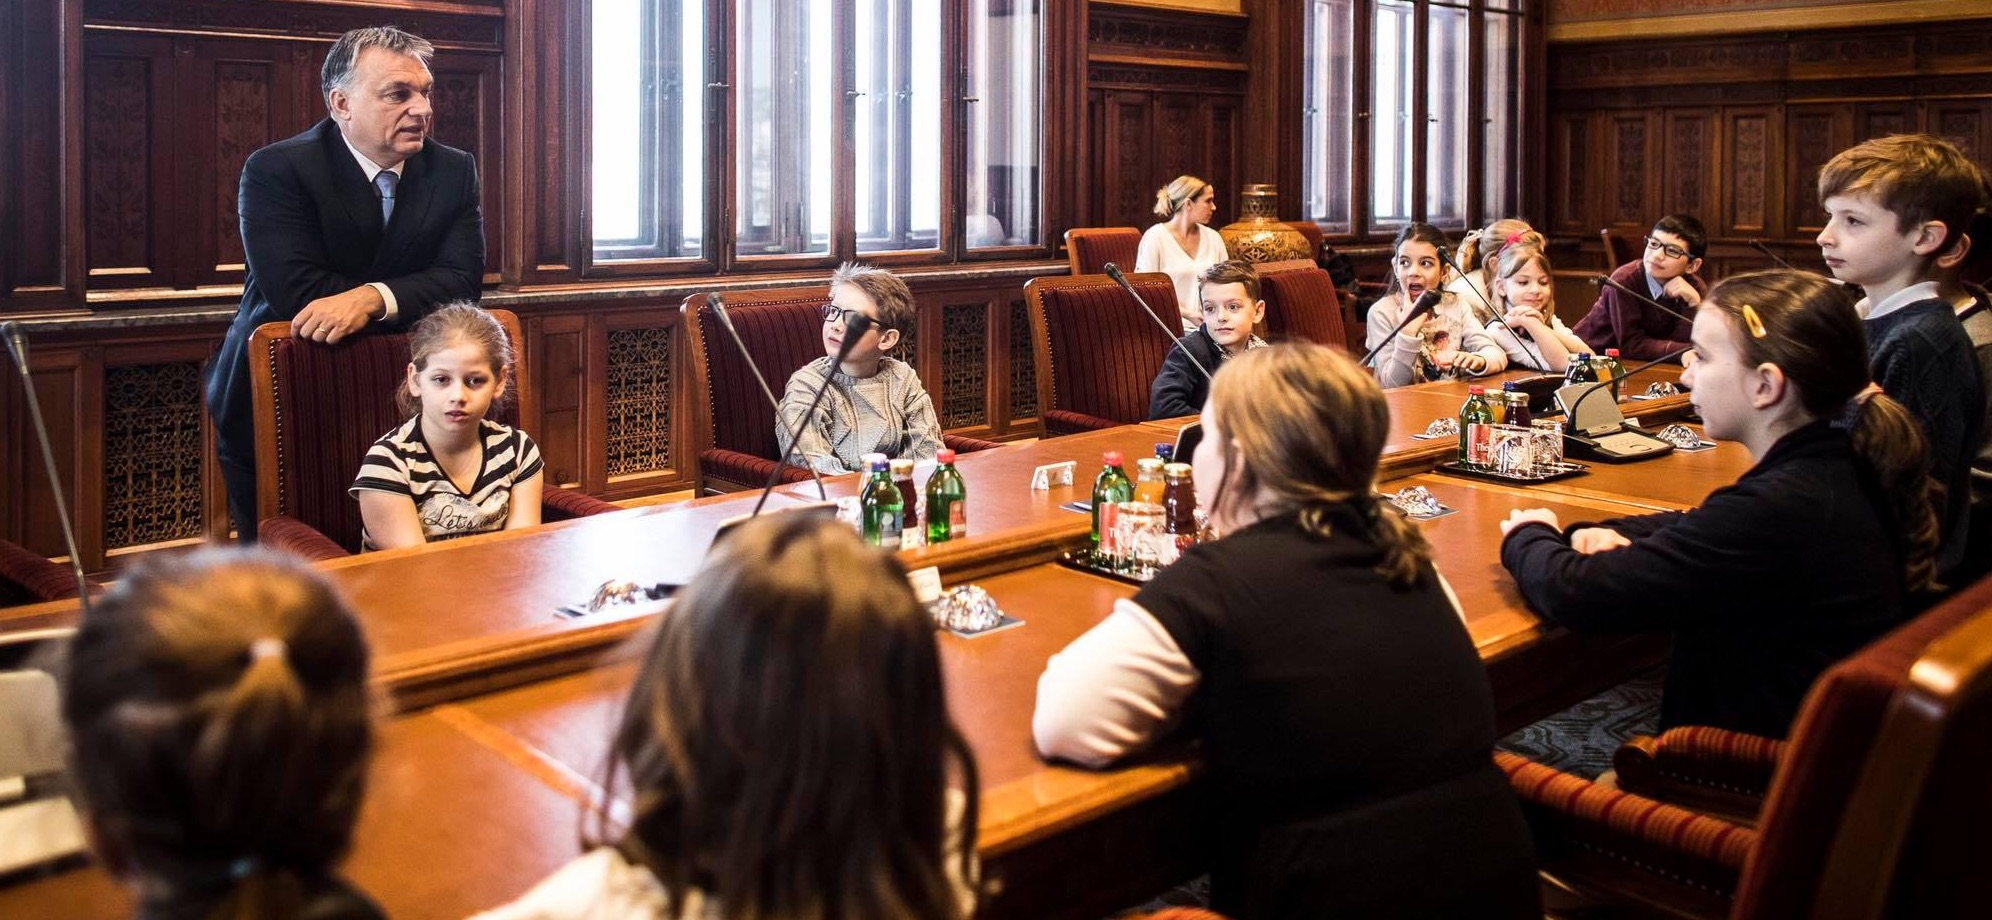 Tíz bizonyíték arra, hogy a Fidesz az oktatásban látja a jövőt